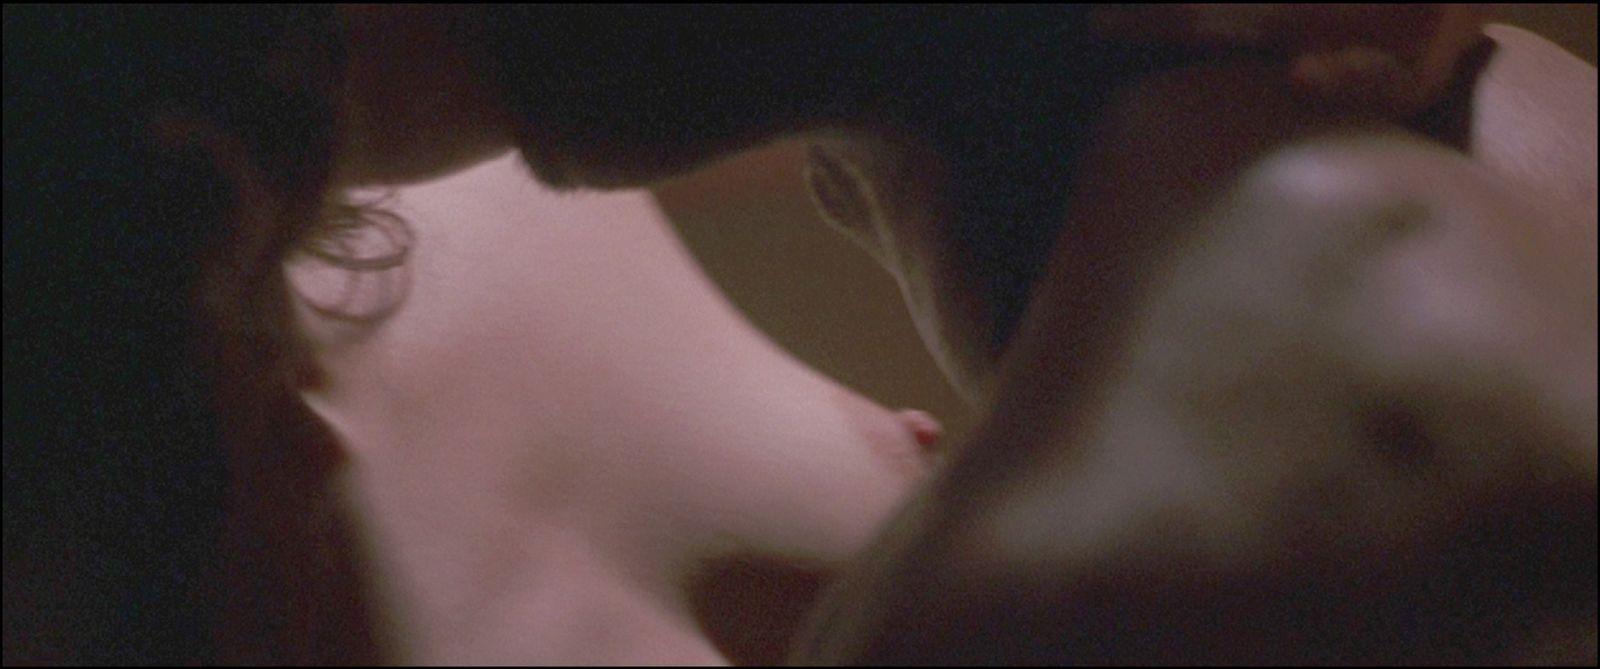 Jennifer lopez money train nude